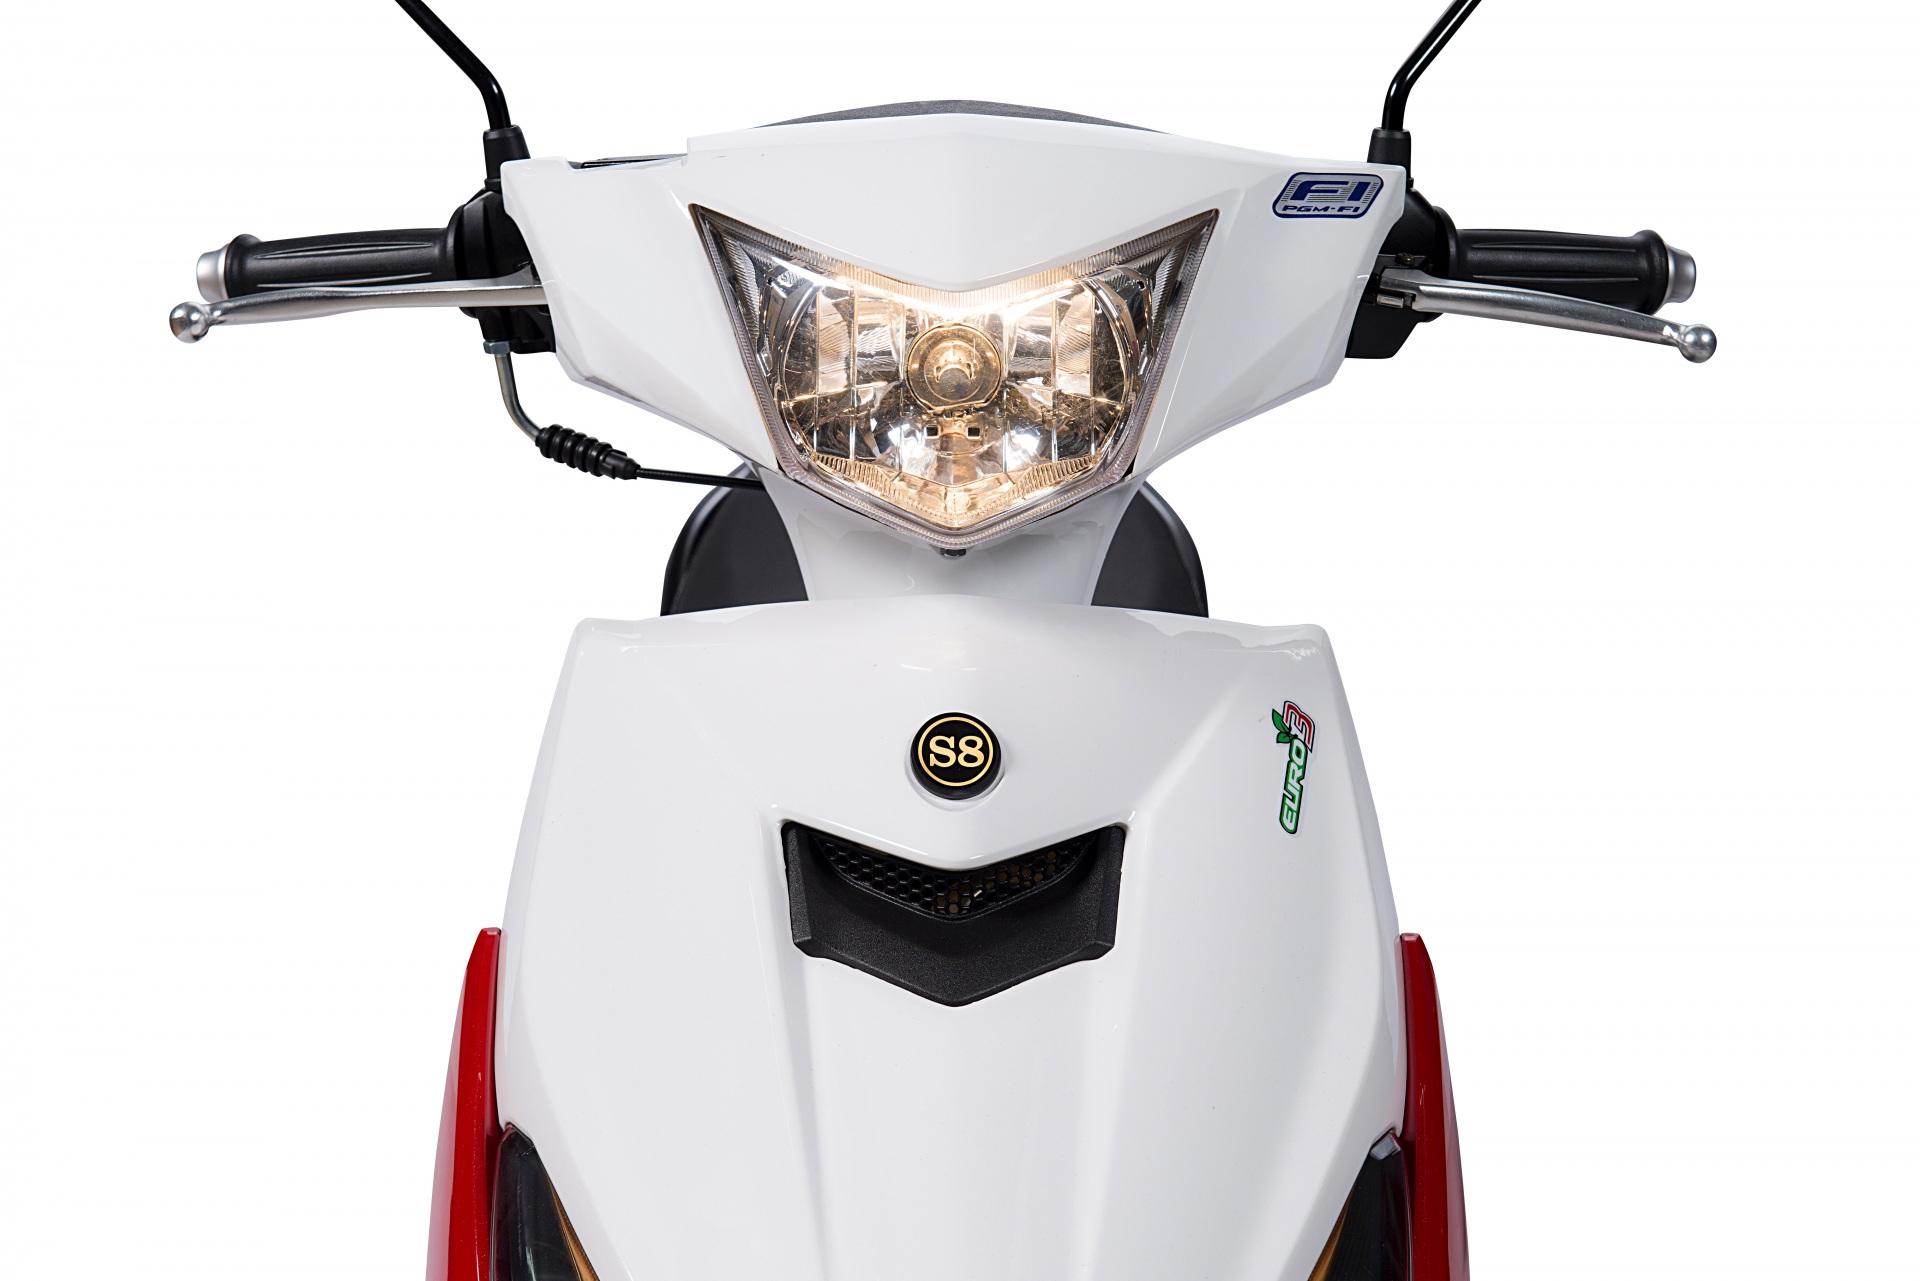 den-pha-xe-ga-50cc-s8